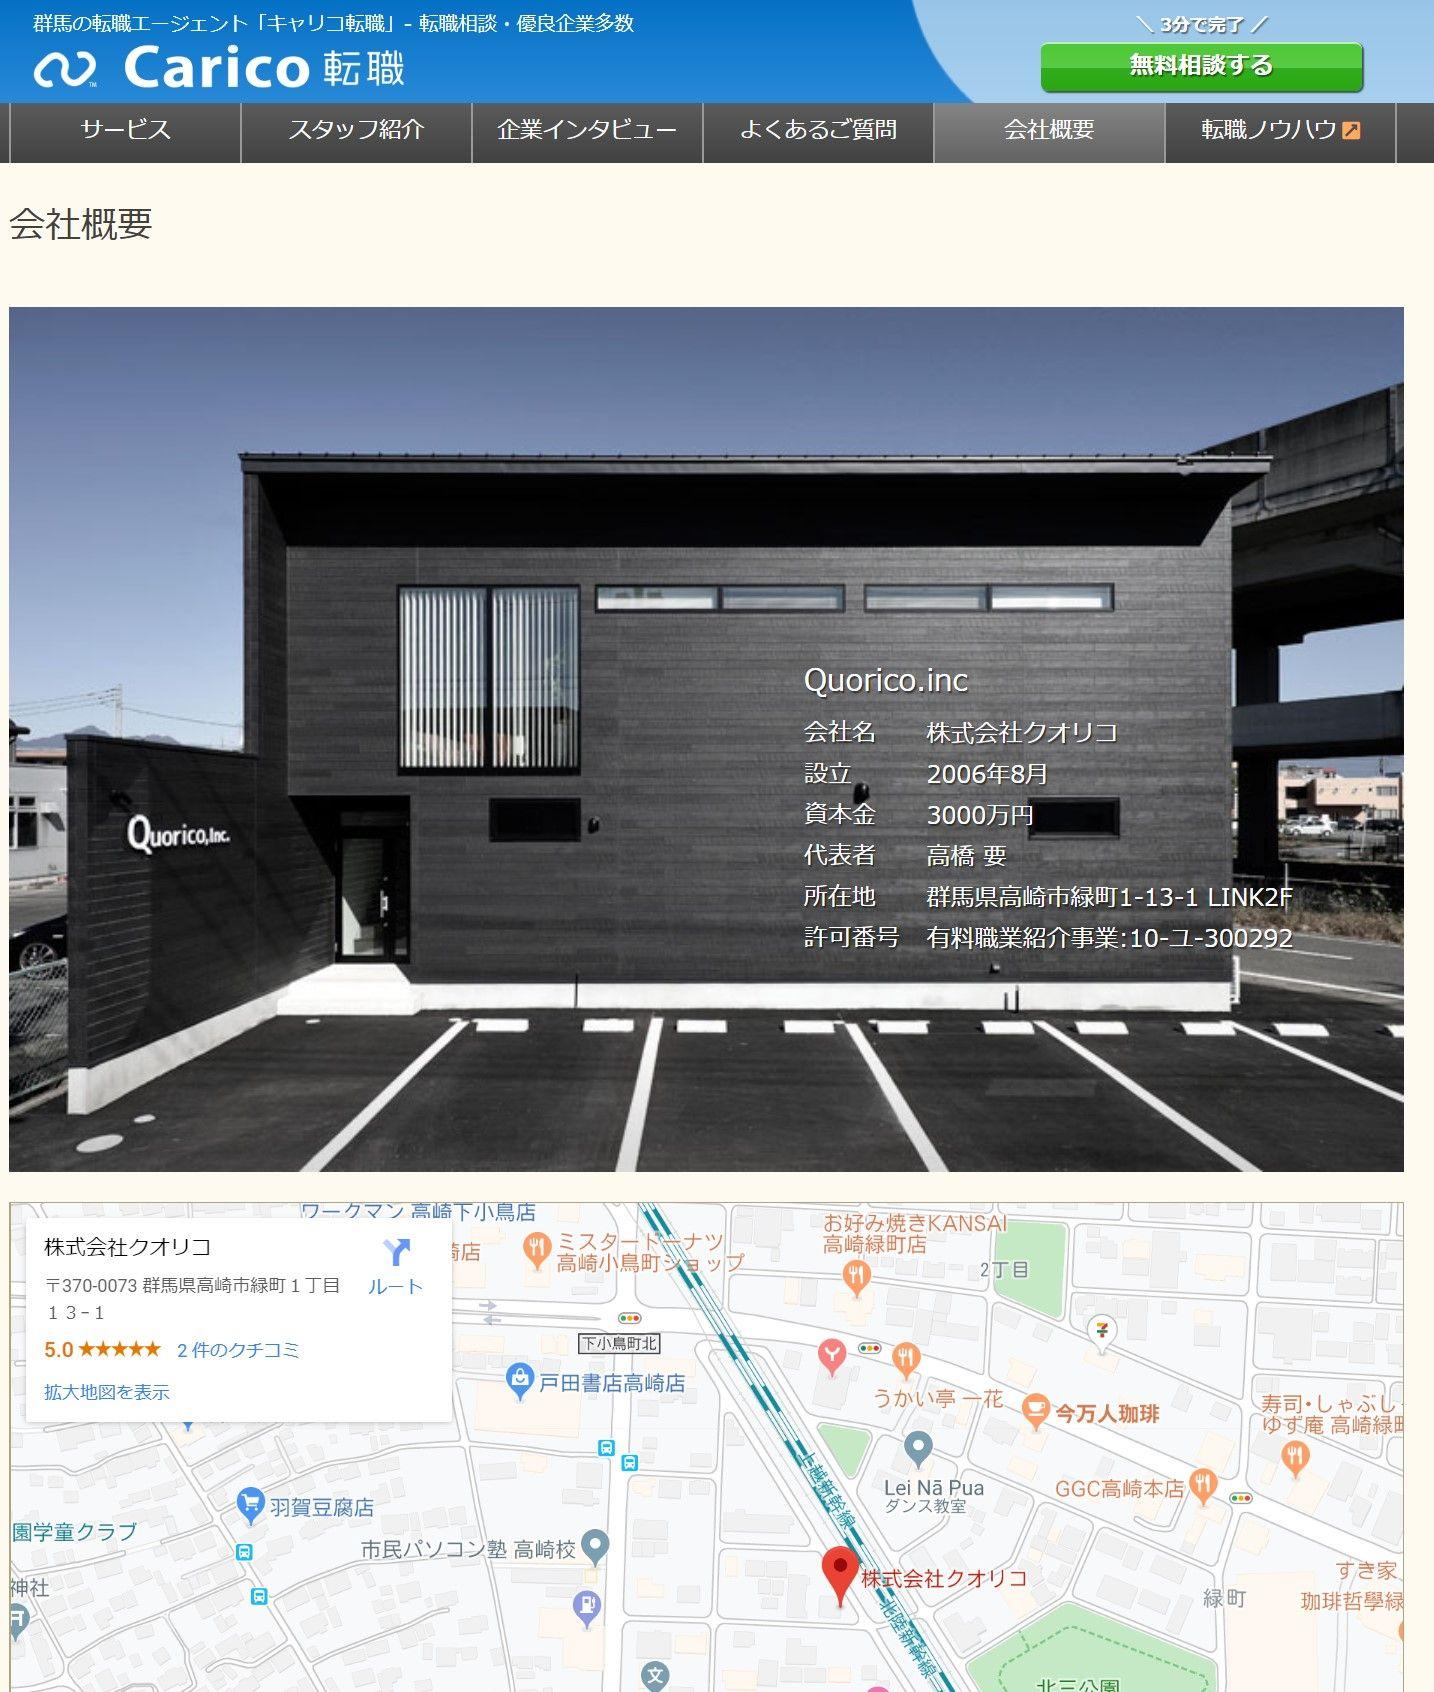 01株式会社クオリコ社長高橋要氏の問題点